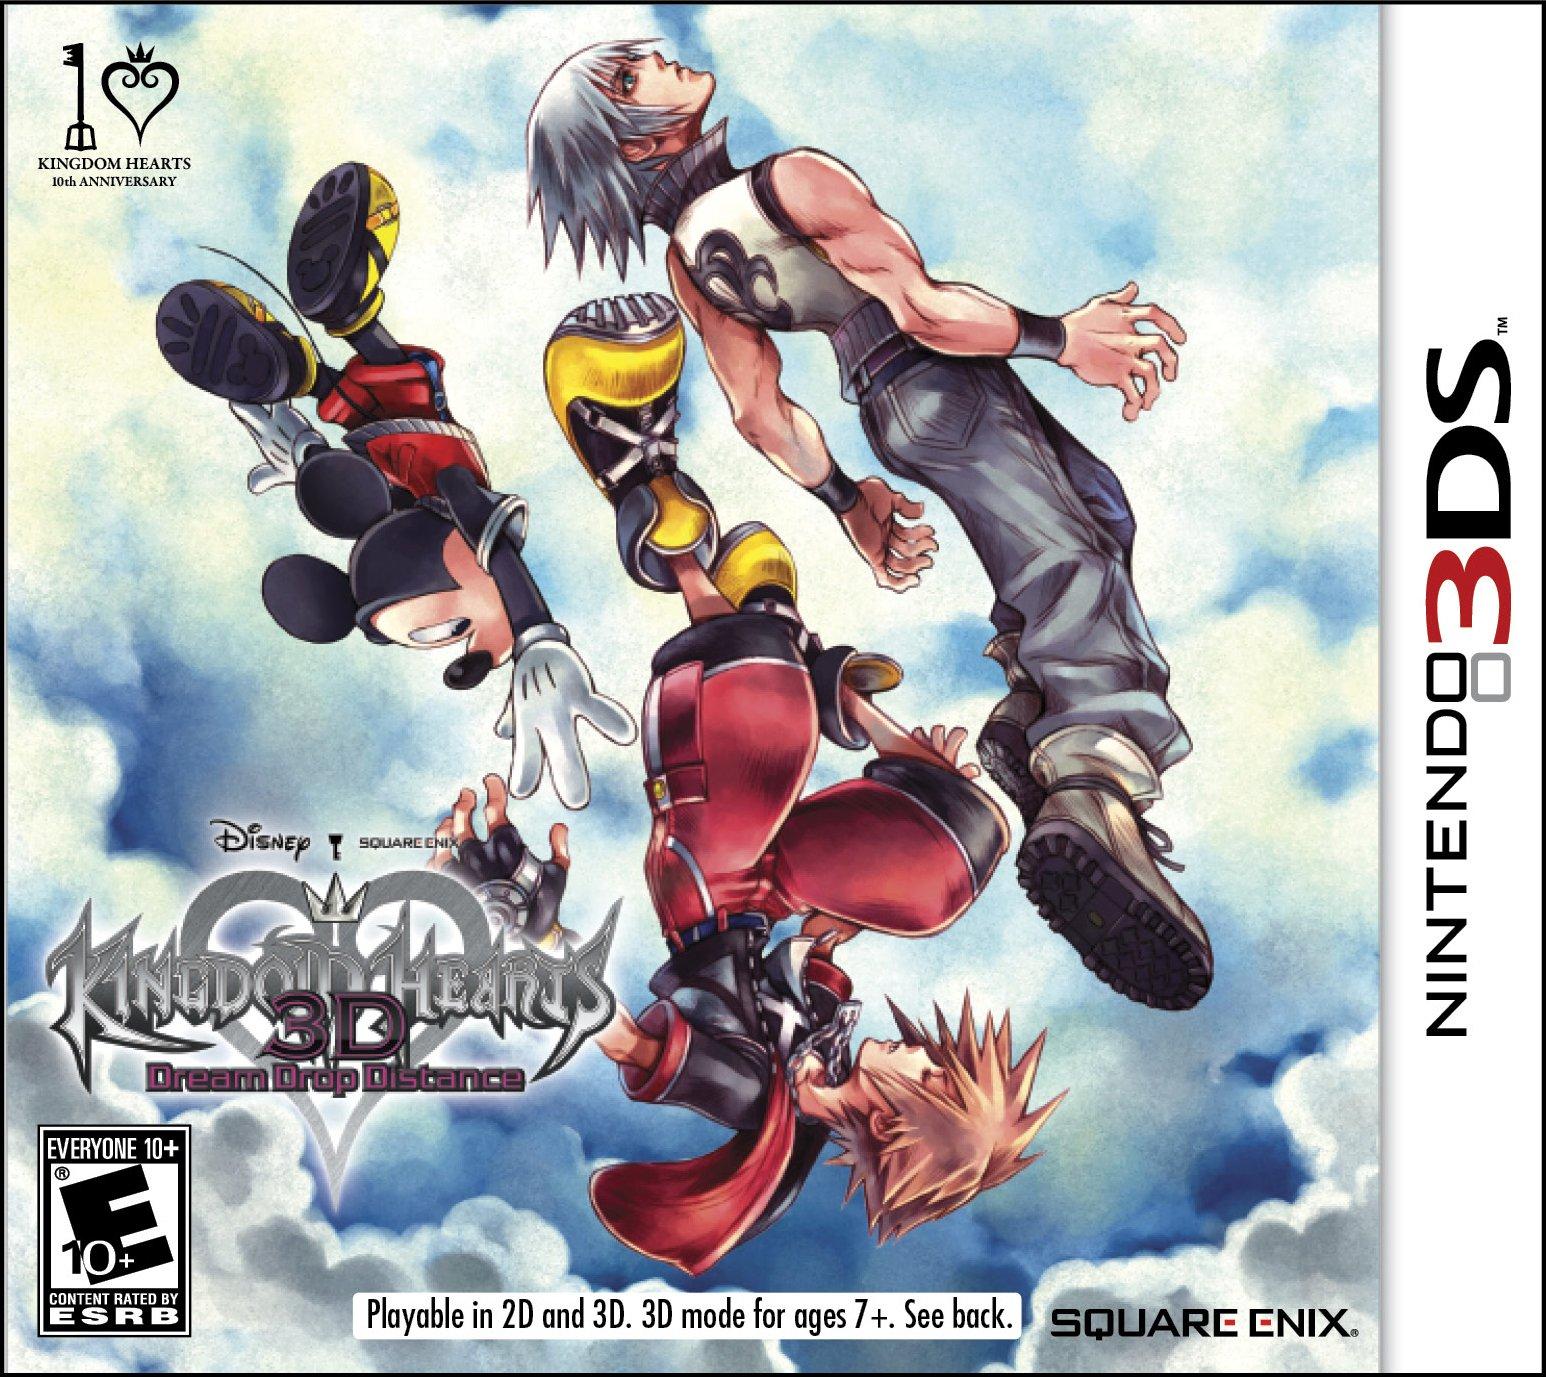 Kingdom Hearts 3D Dream Drop Distance by Square Enix (Image #35)